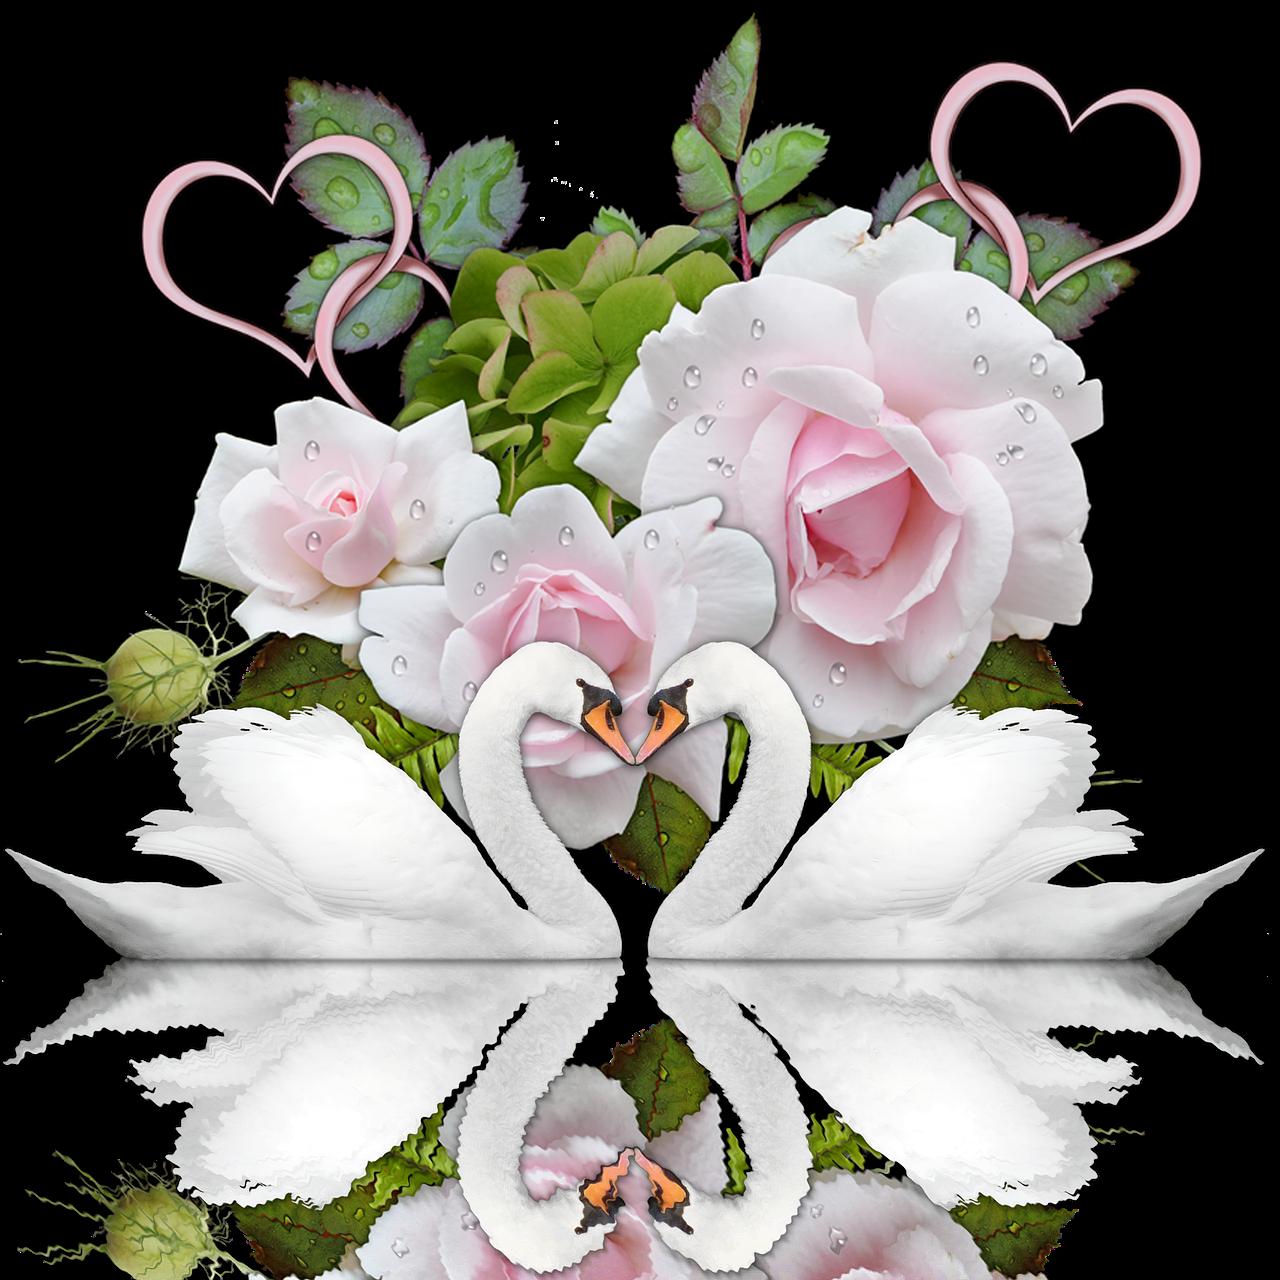 открытки с цветами на день свадьбы дикие